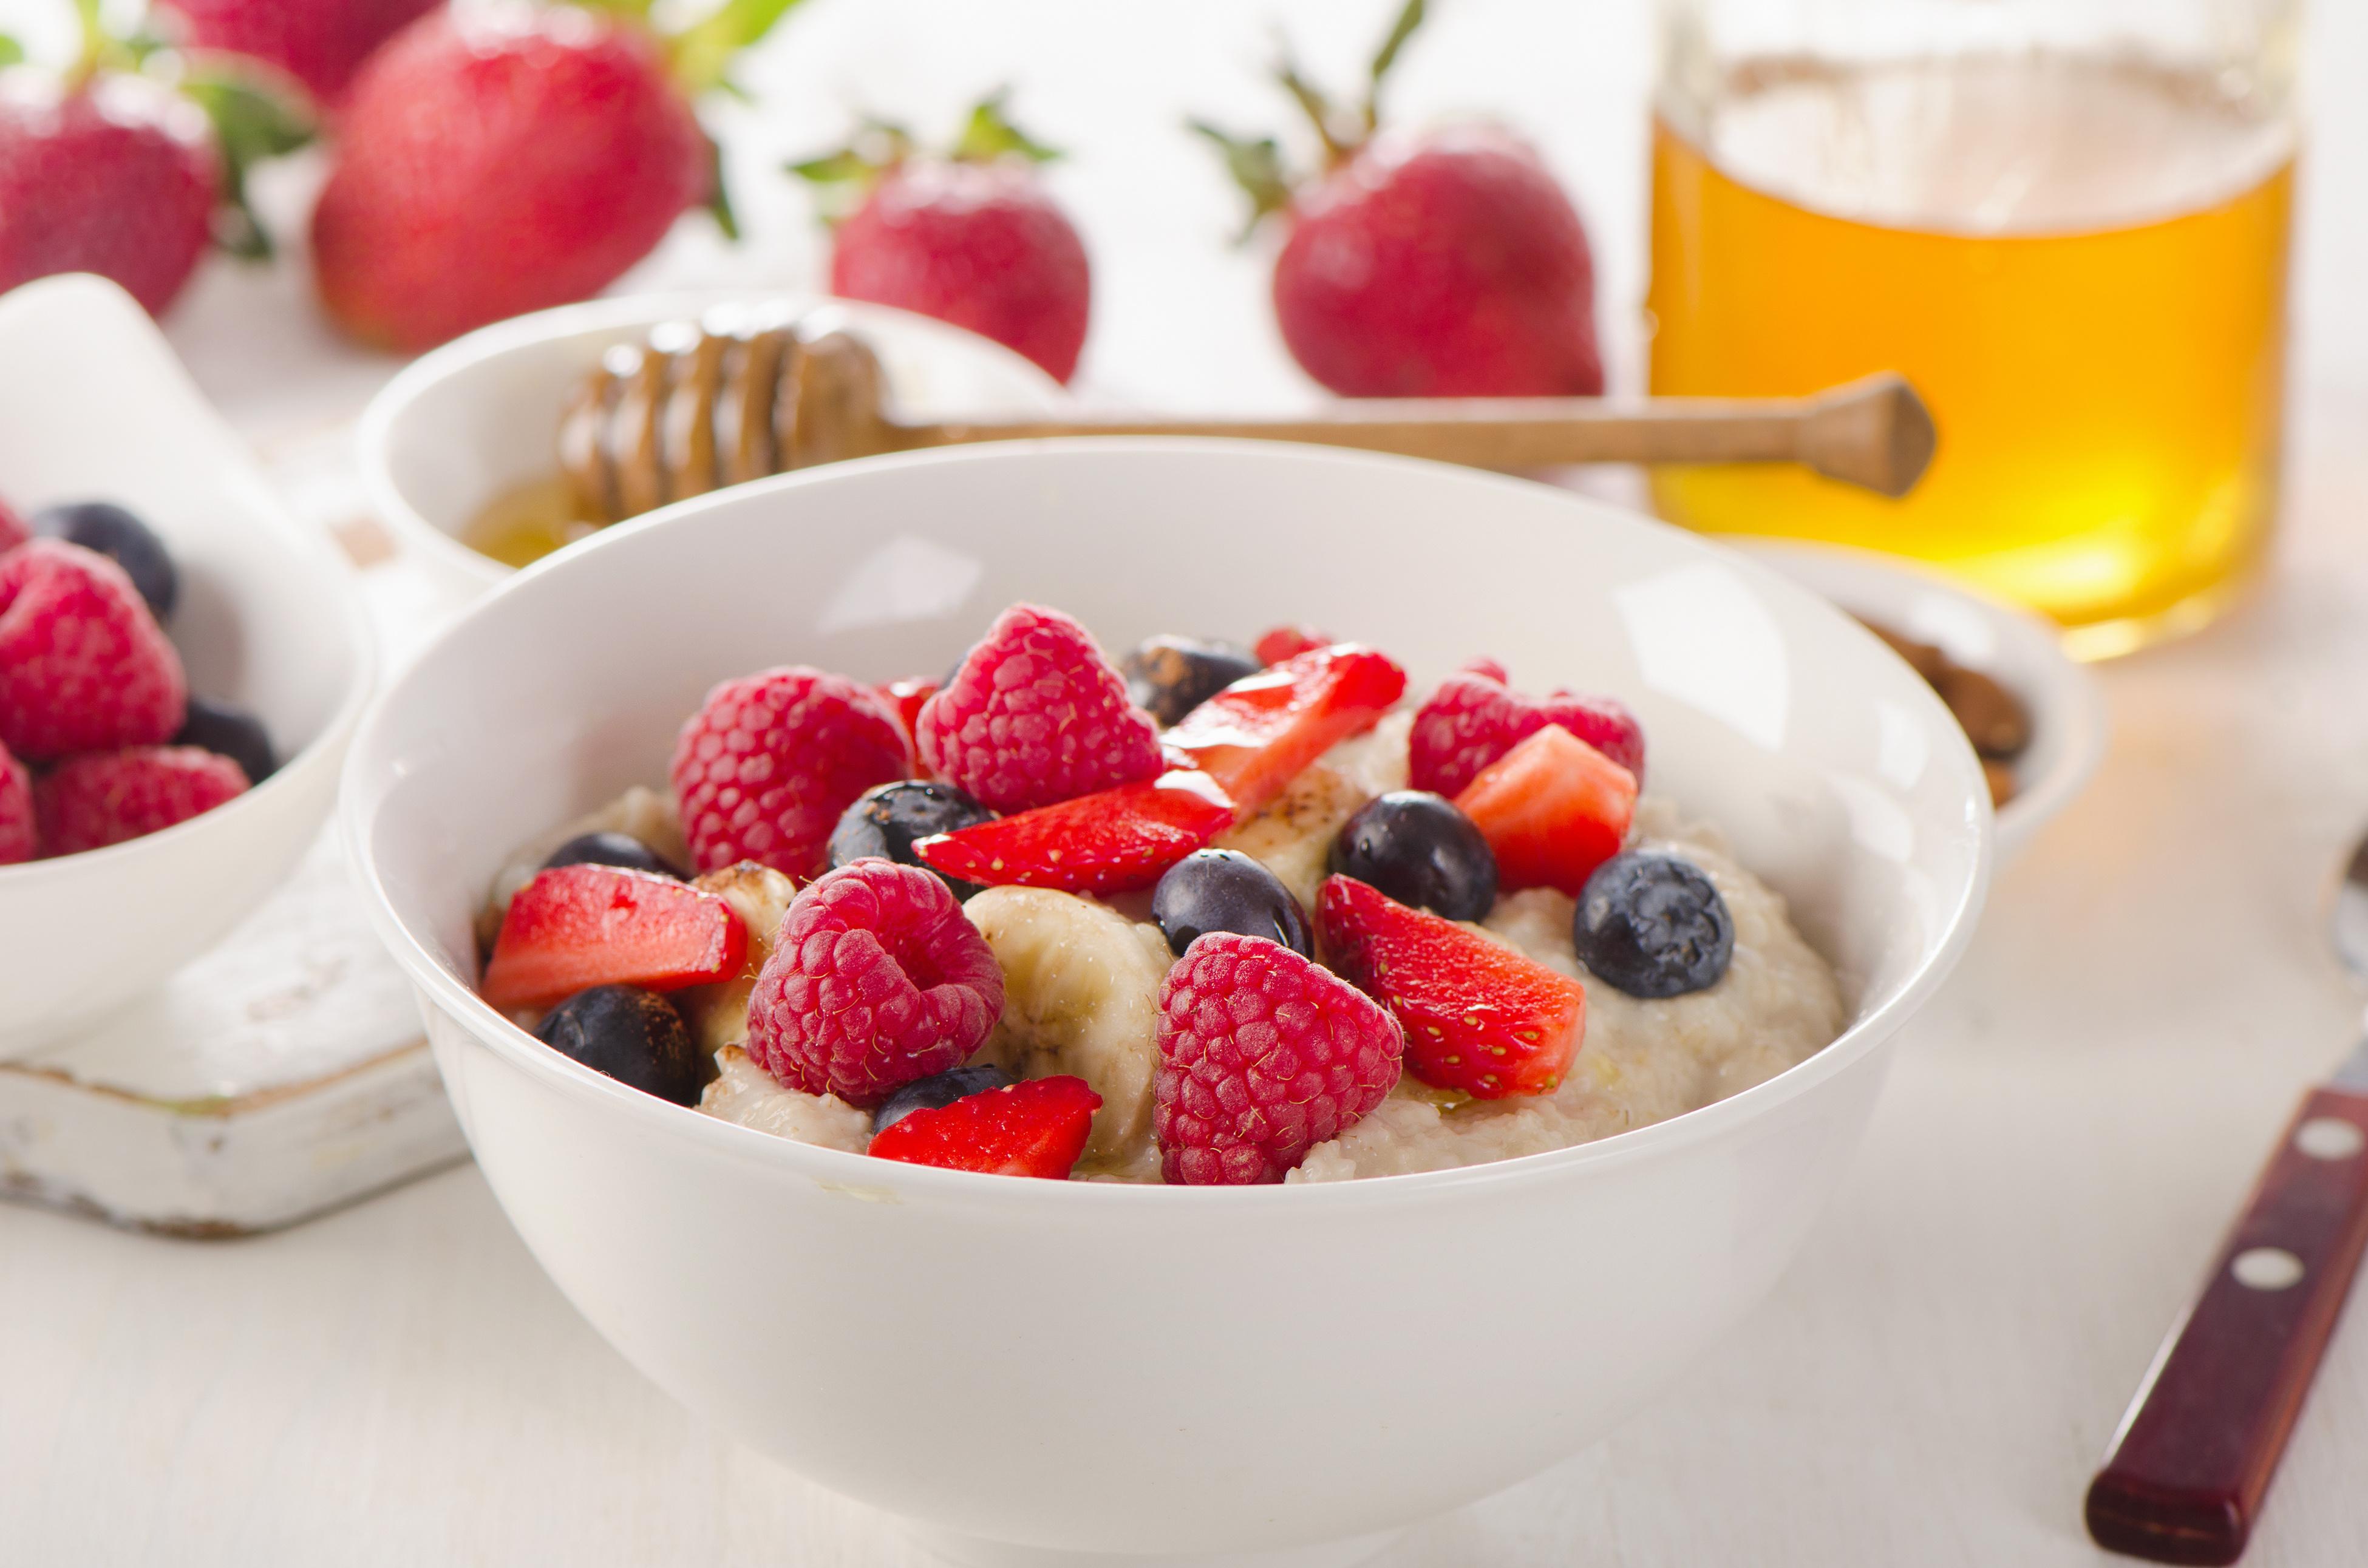 My 3 Go to breakfast options, www.funmiolatoyept.com